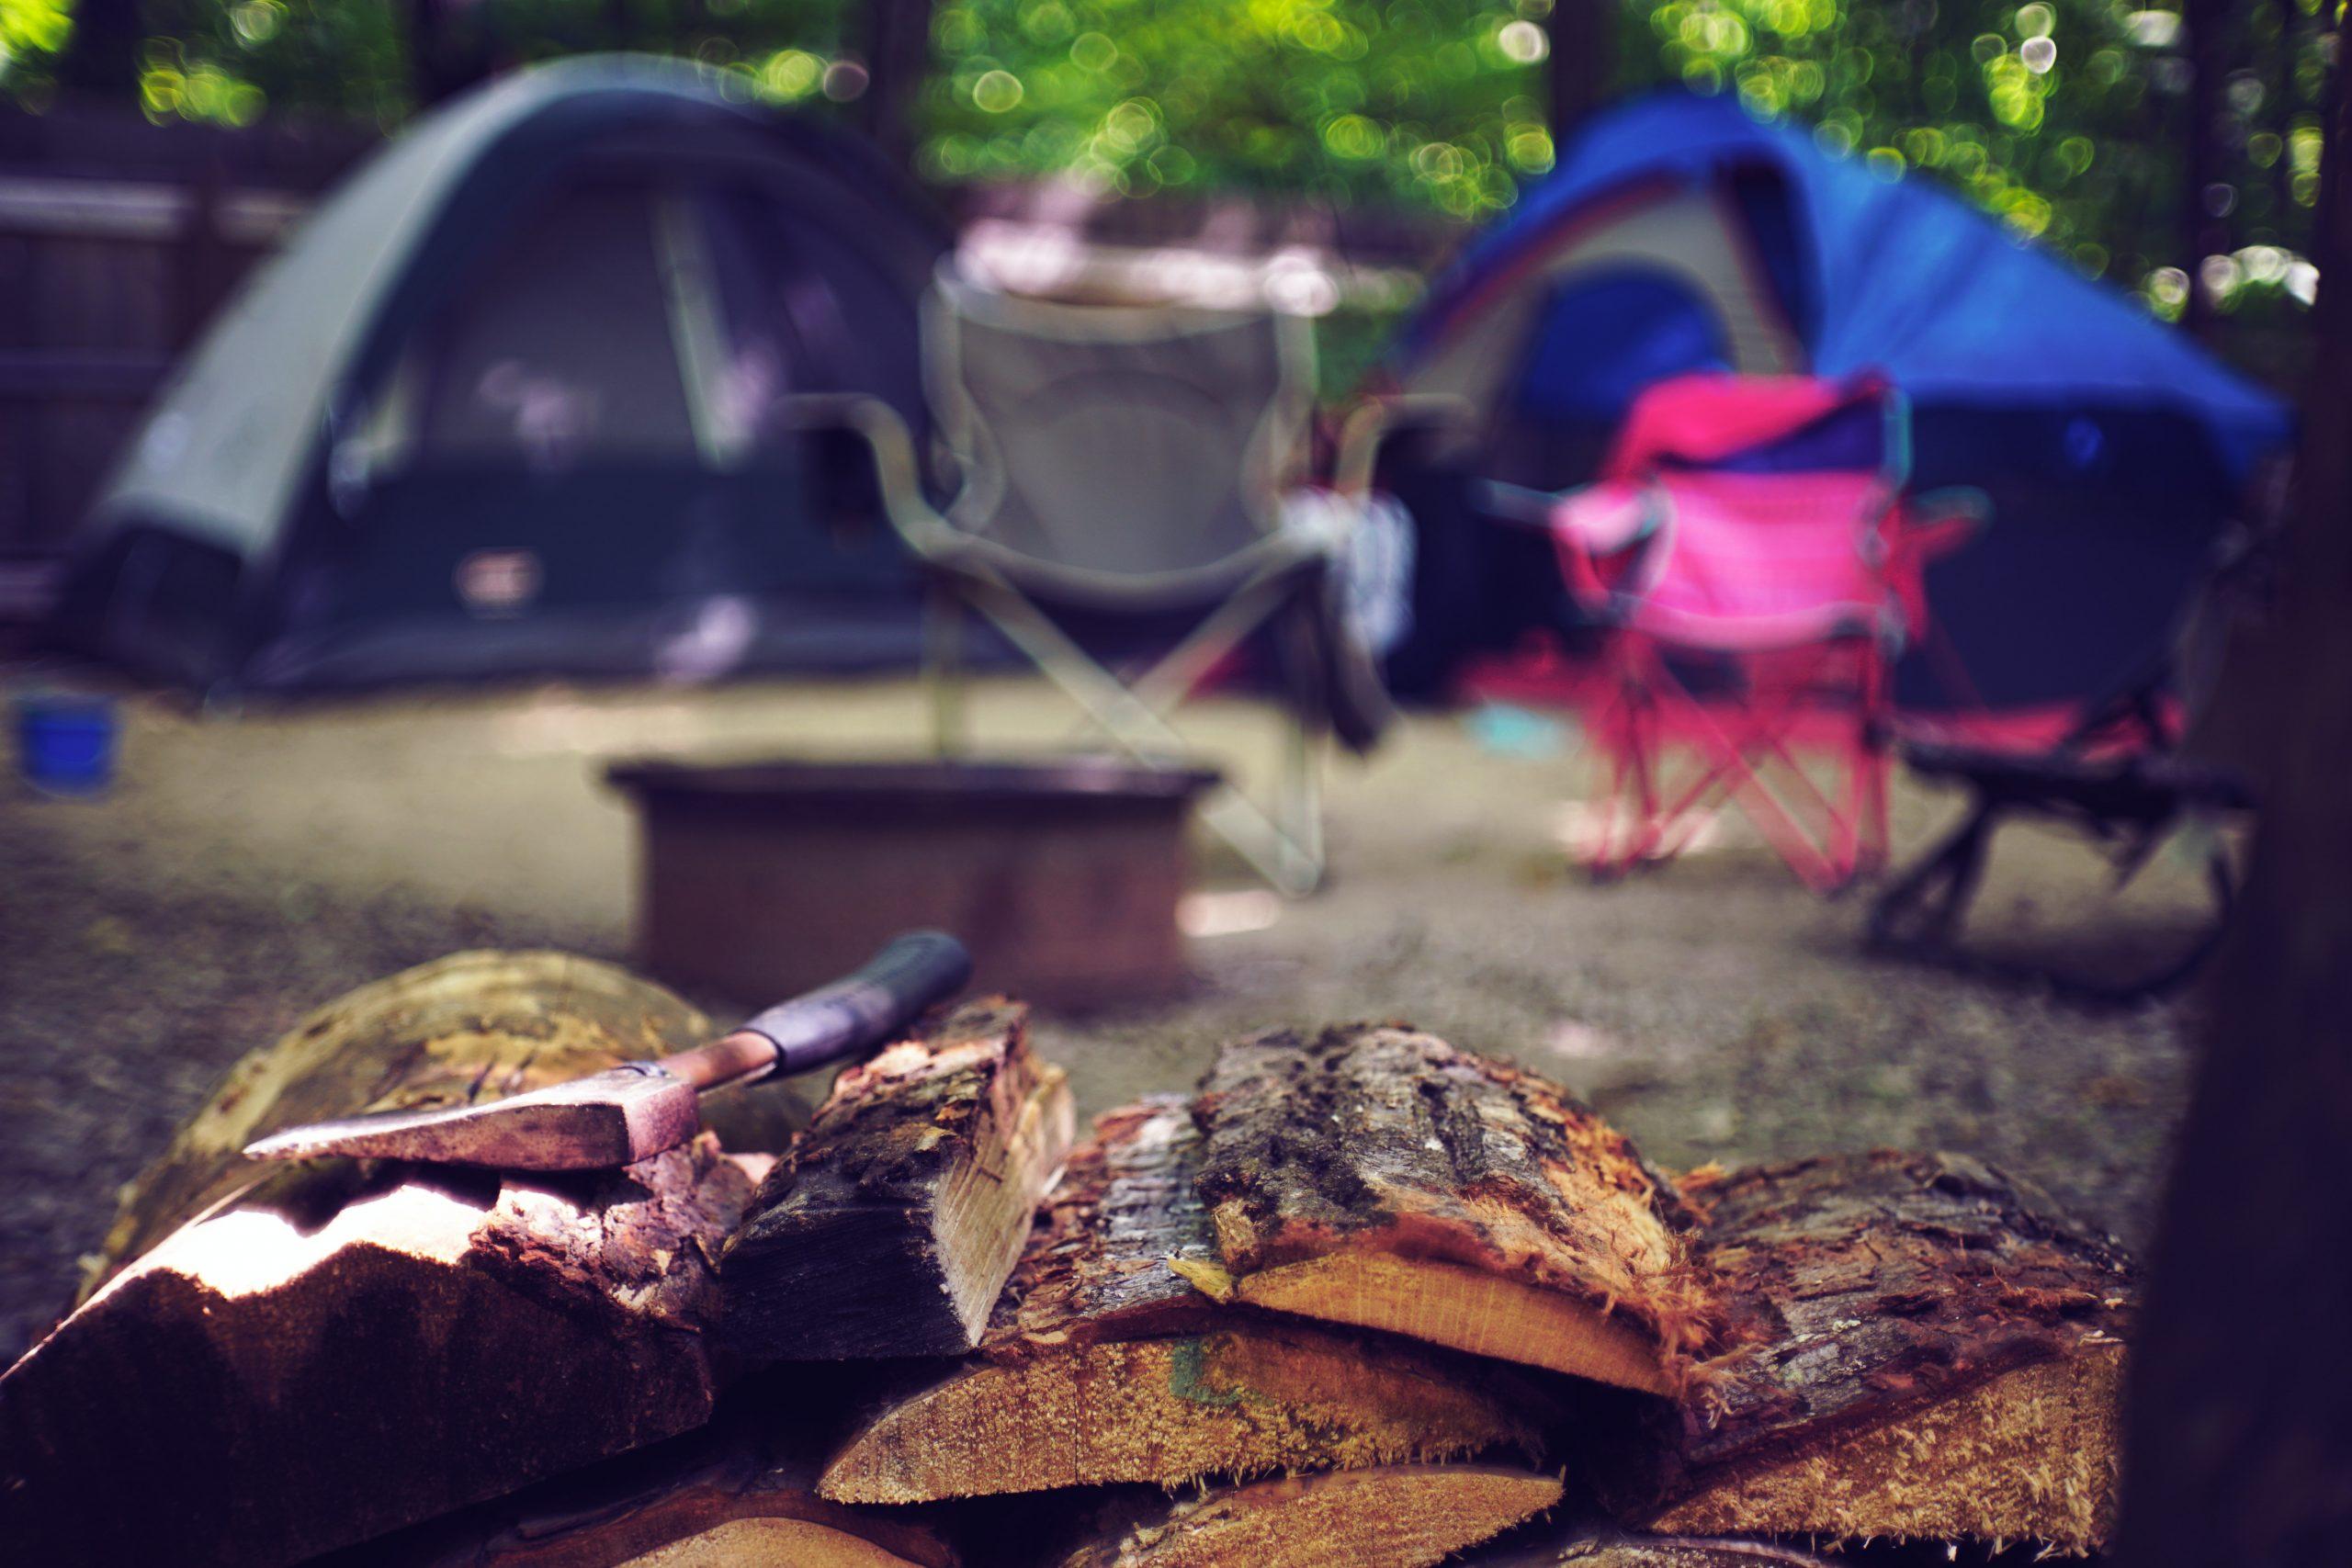 Veilig vakantie vieren? #Staylocal en kampeer in iemands achtertuin